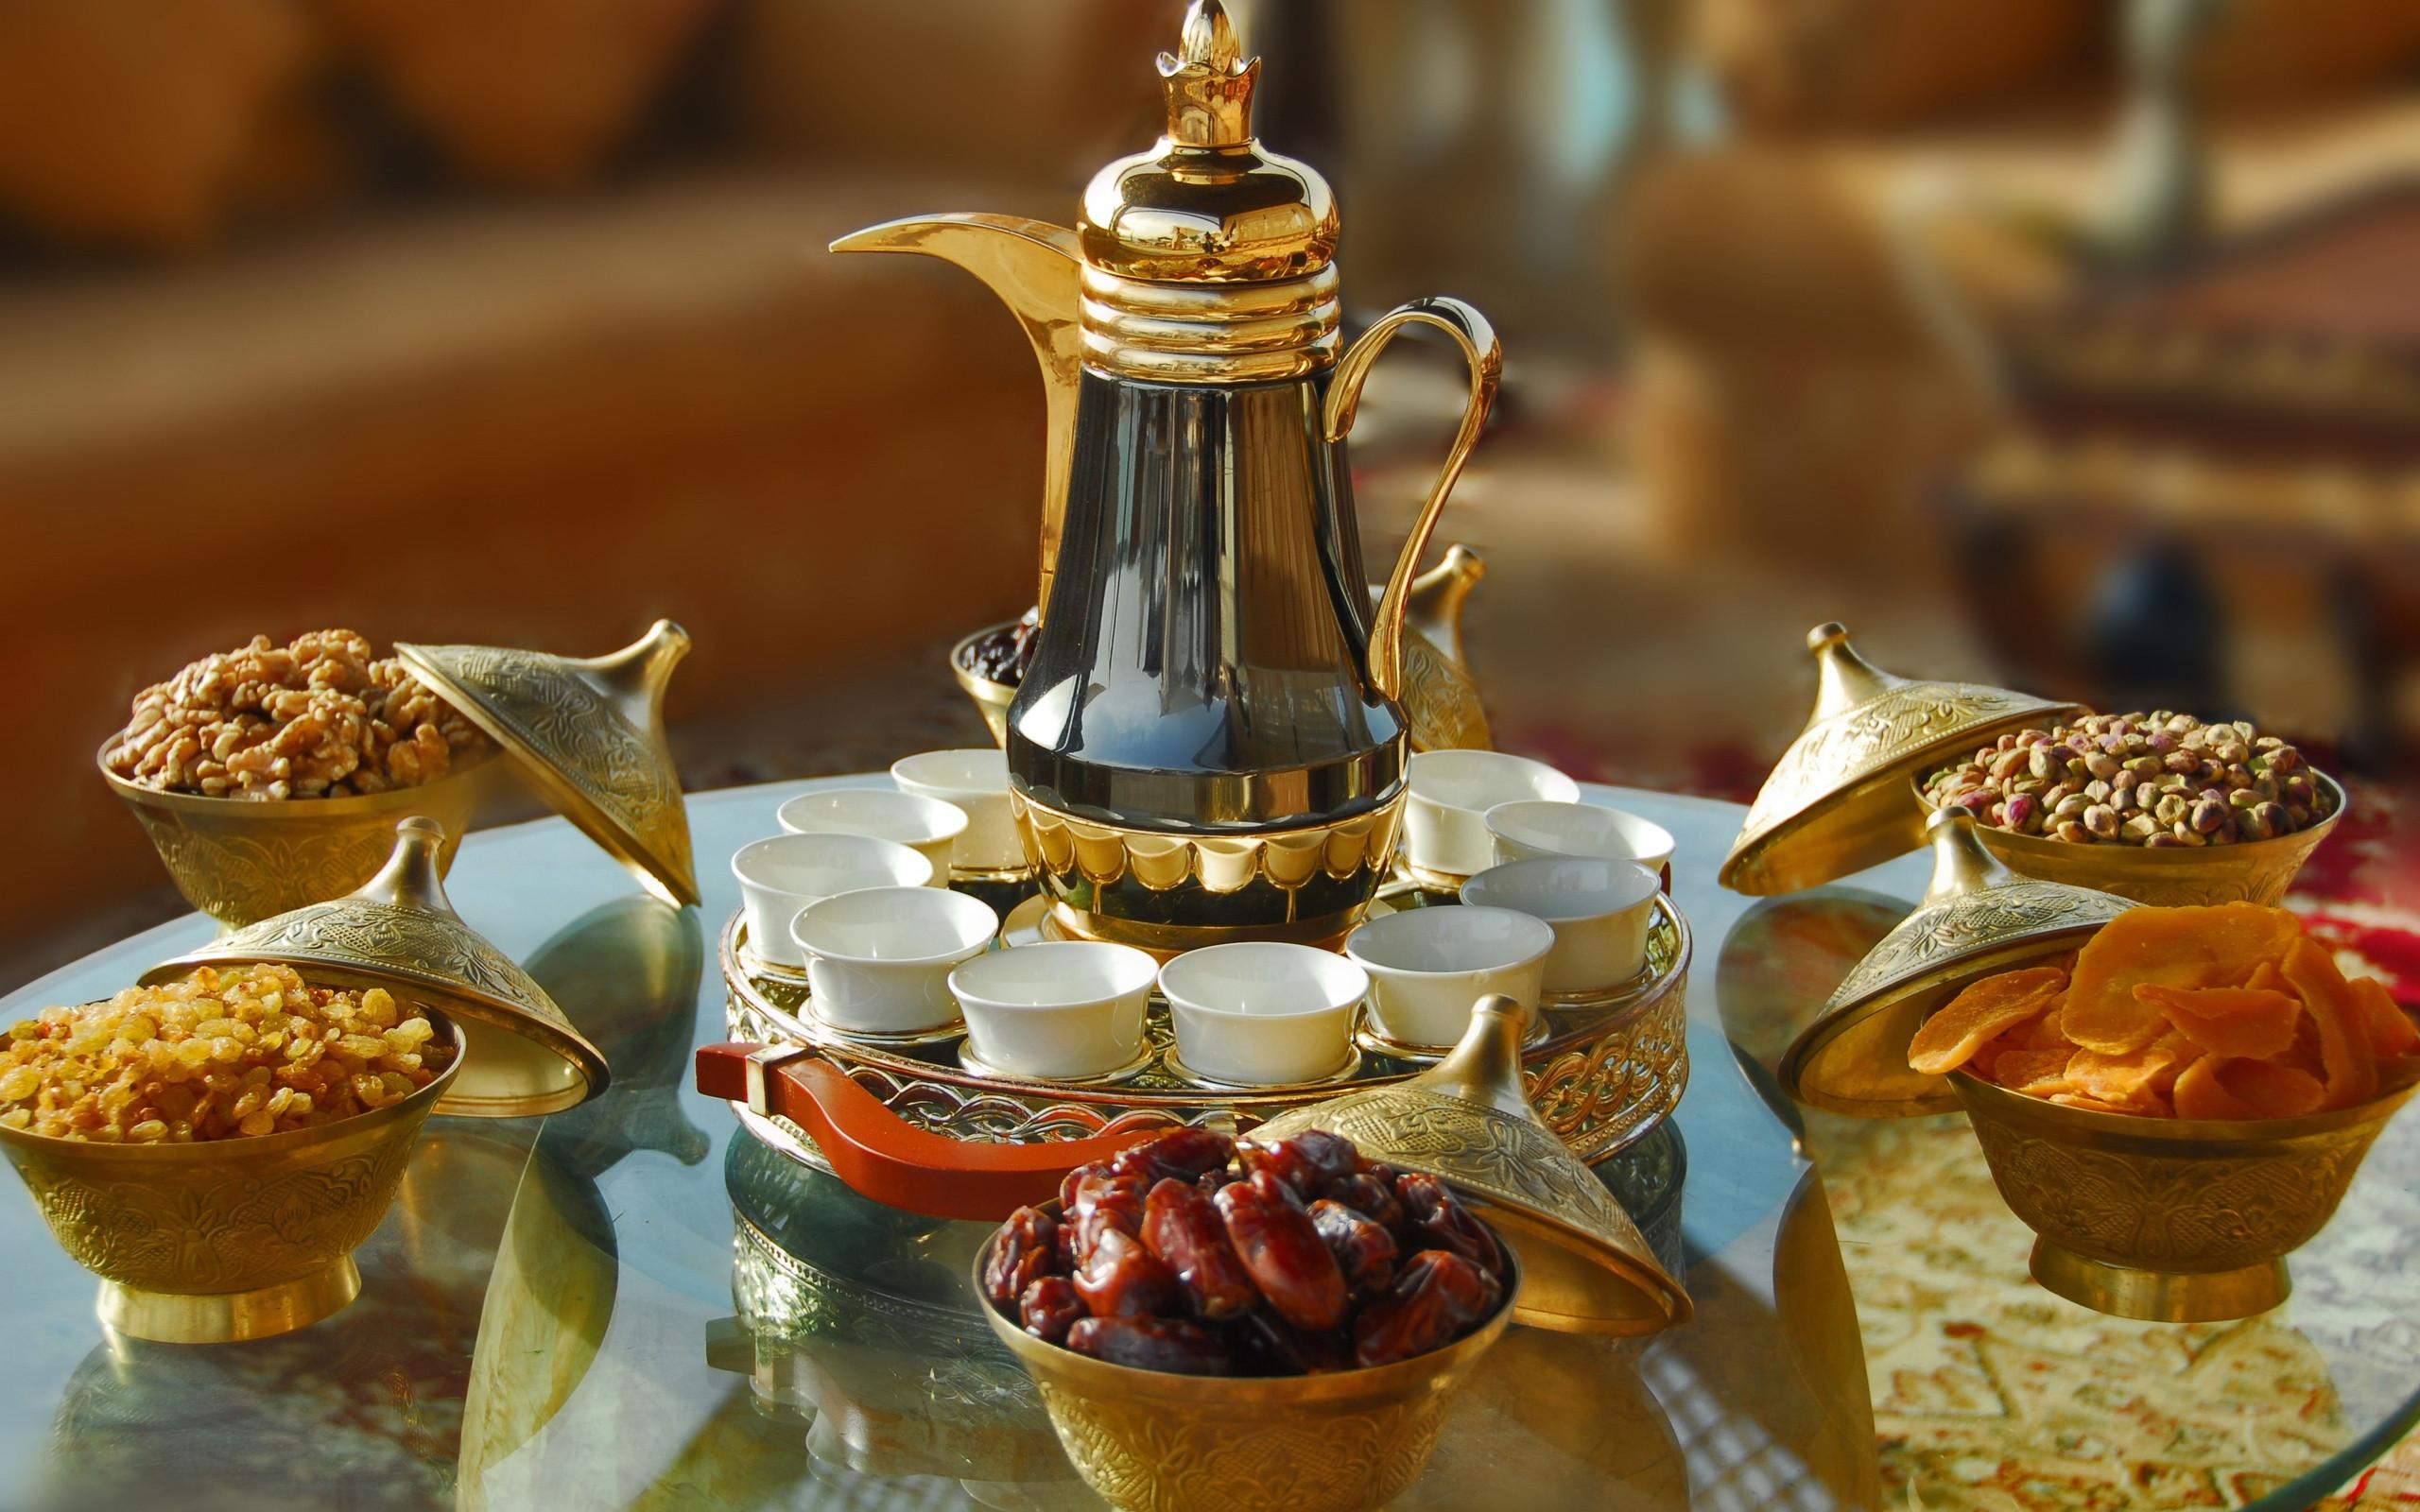 نصائح للتغذية الصحيحة رمضان